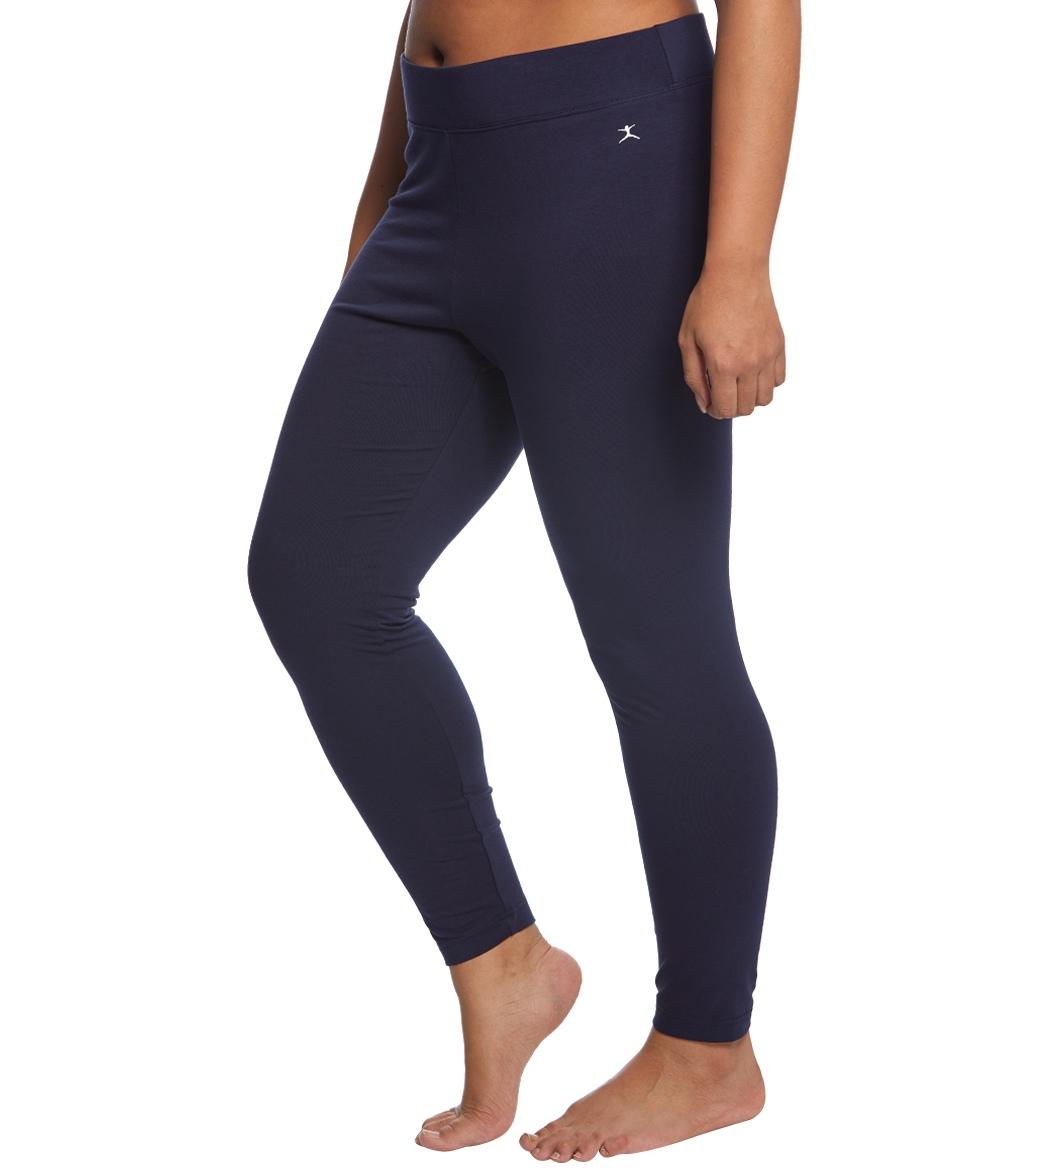 a0ad0d02f8d Danskin Plus Size Ankle Leggings at YogaOutlet.com